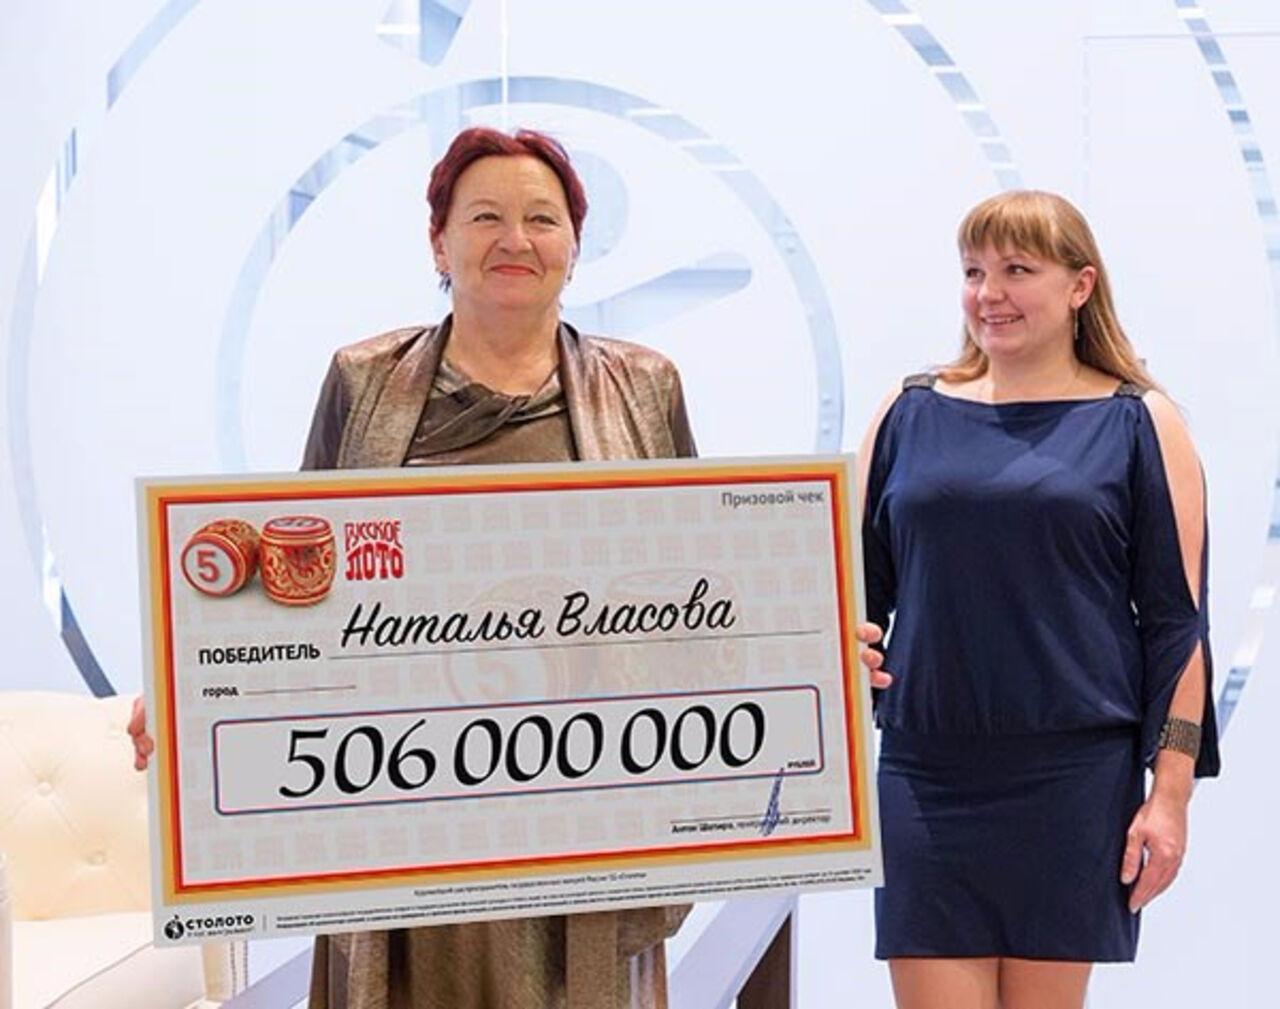 Воронежская пенсионерка, выигравшая неменее 500 млн руб., стала получать угрозы